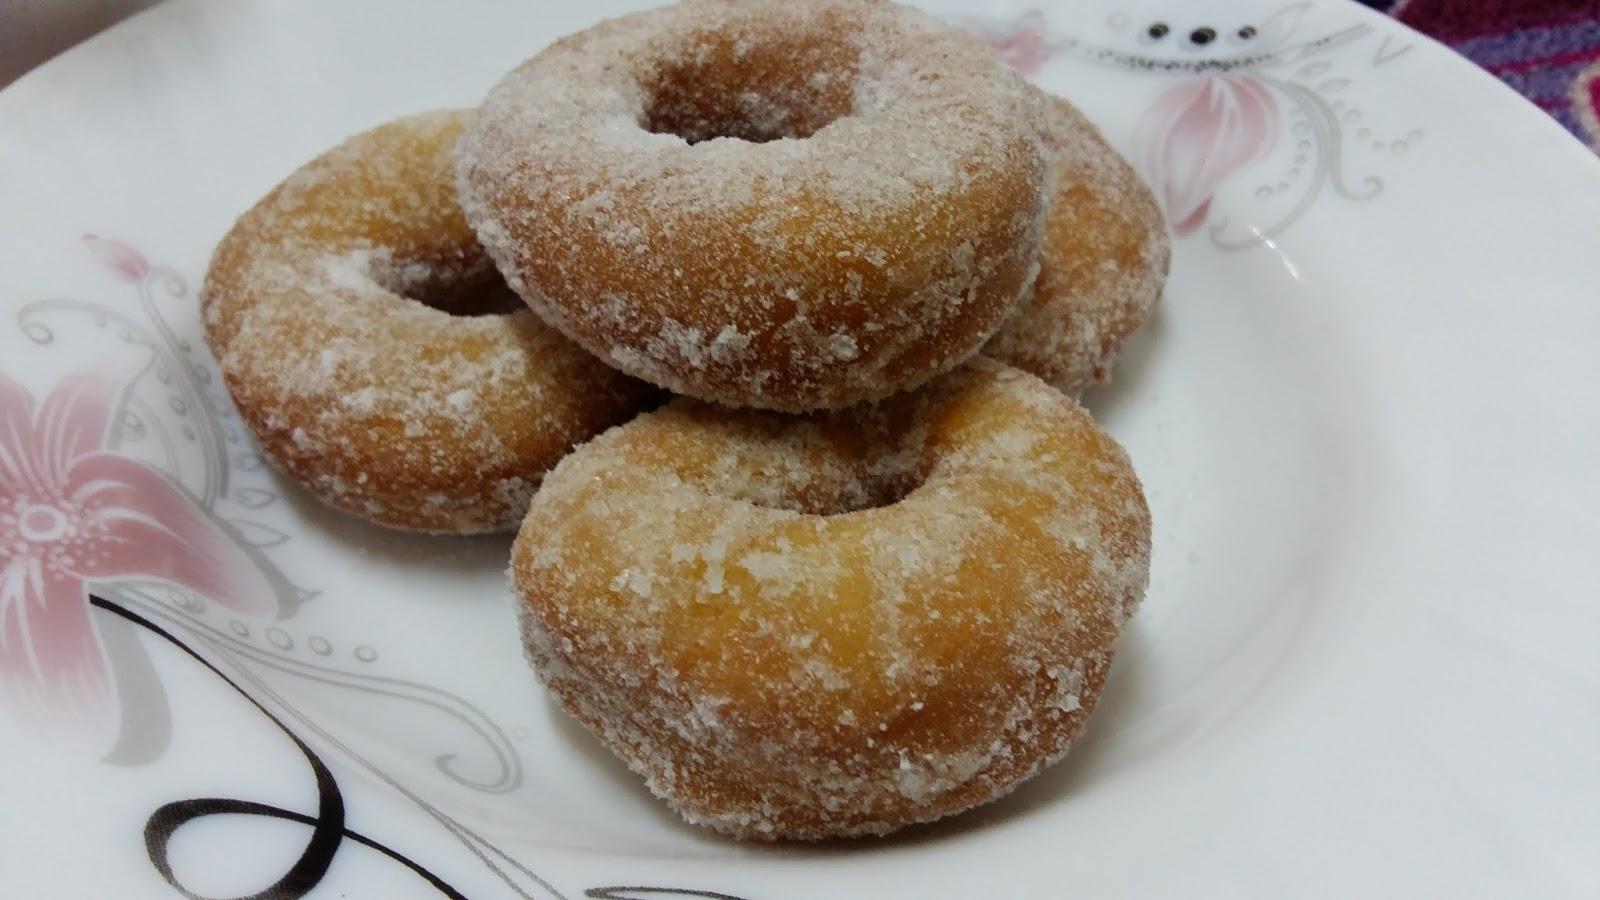 Resepikuihdonutgebu Resepi Donut Yang Gebu Dan Lembut Inilah